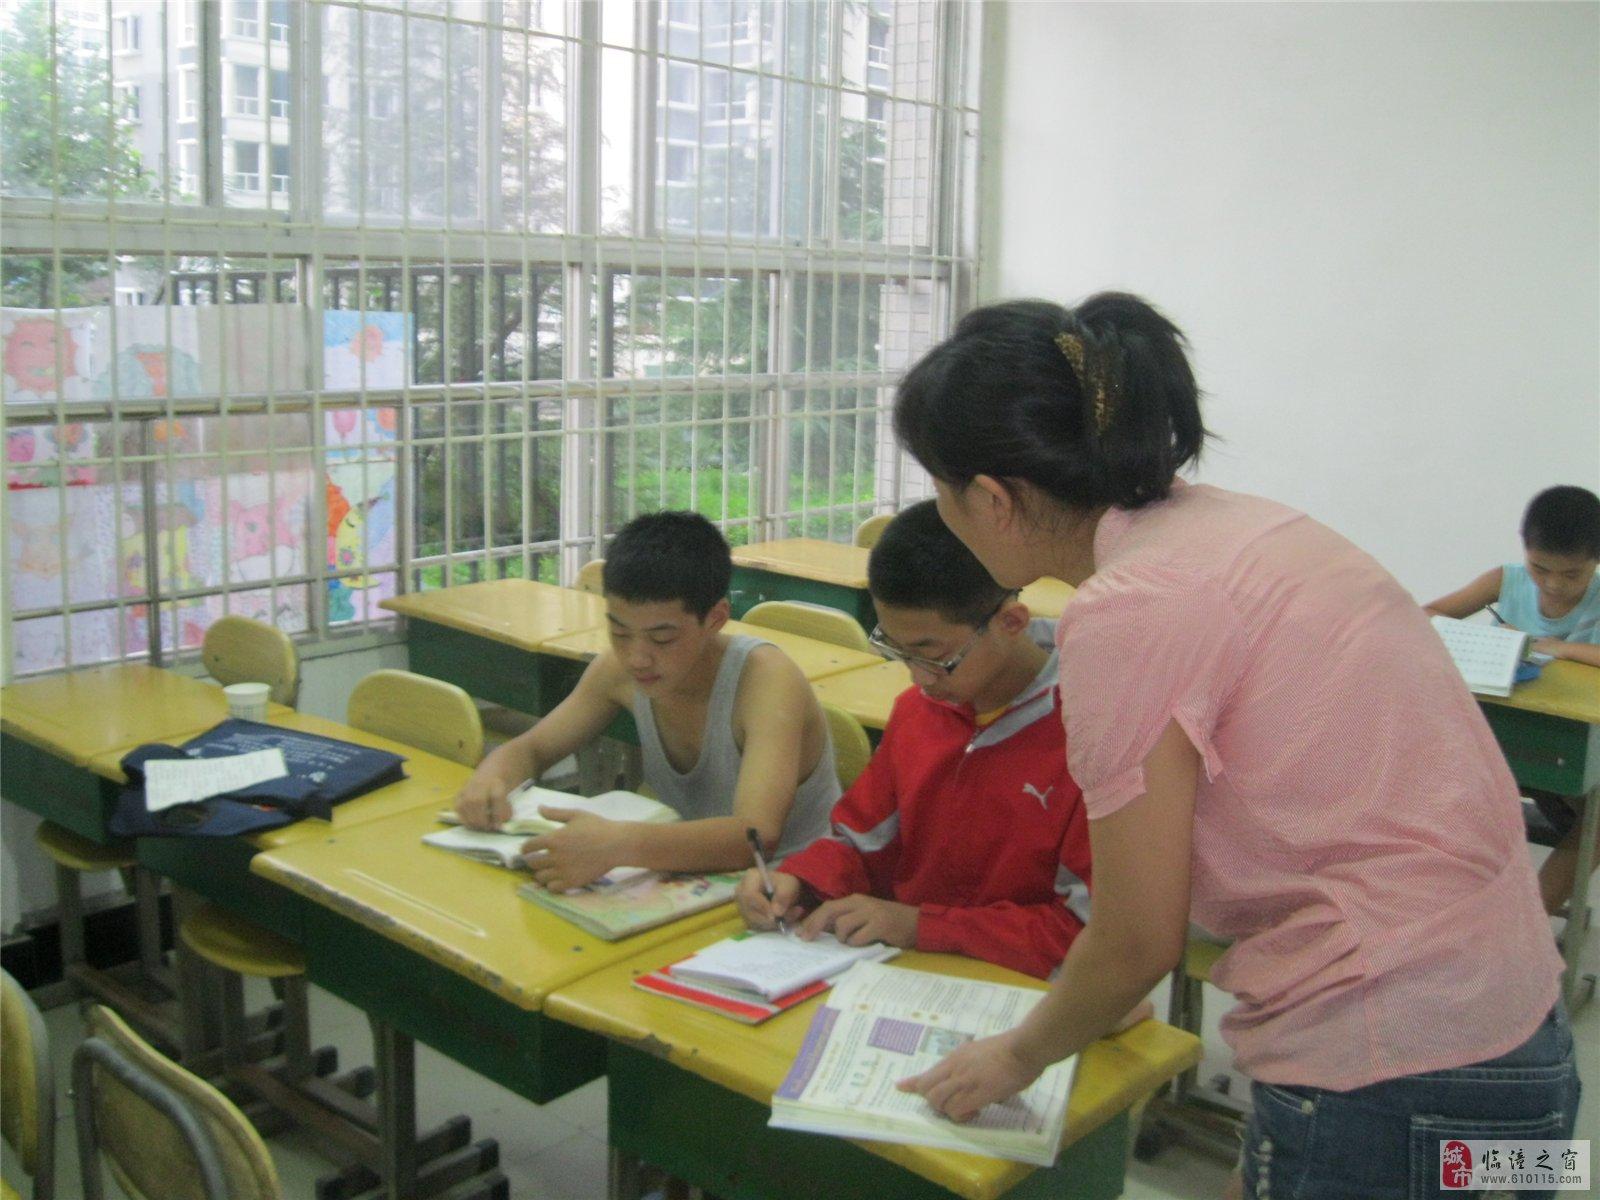 漯河许慎教师图片v教师中学于丹初中水平图片